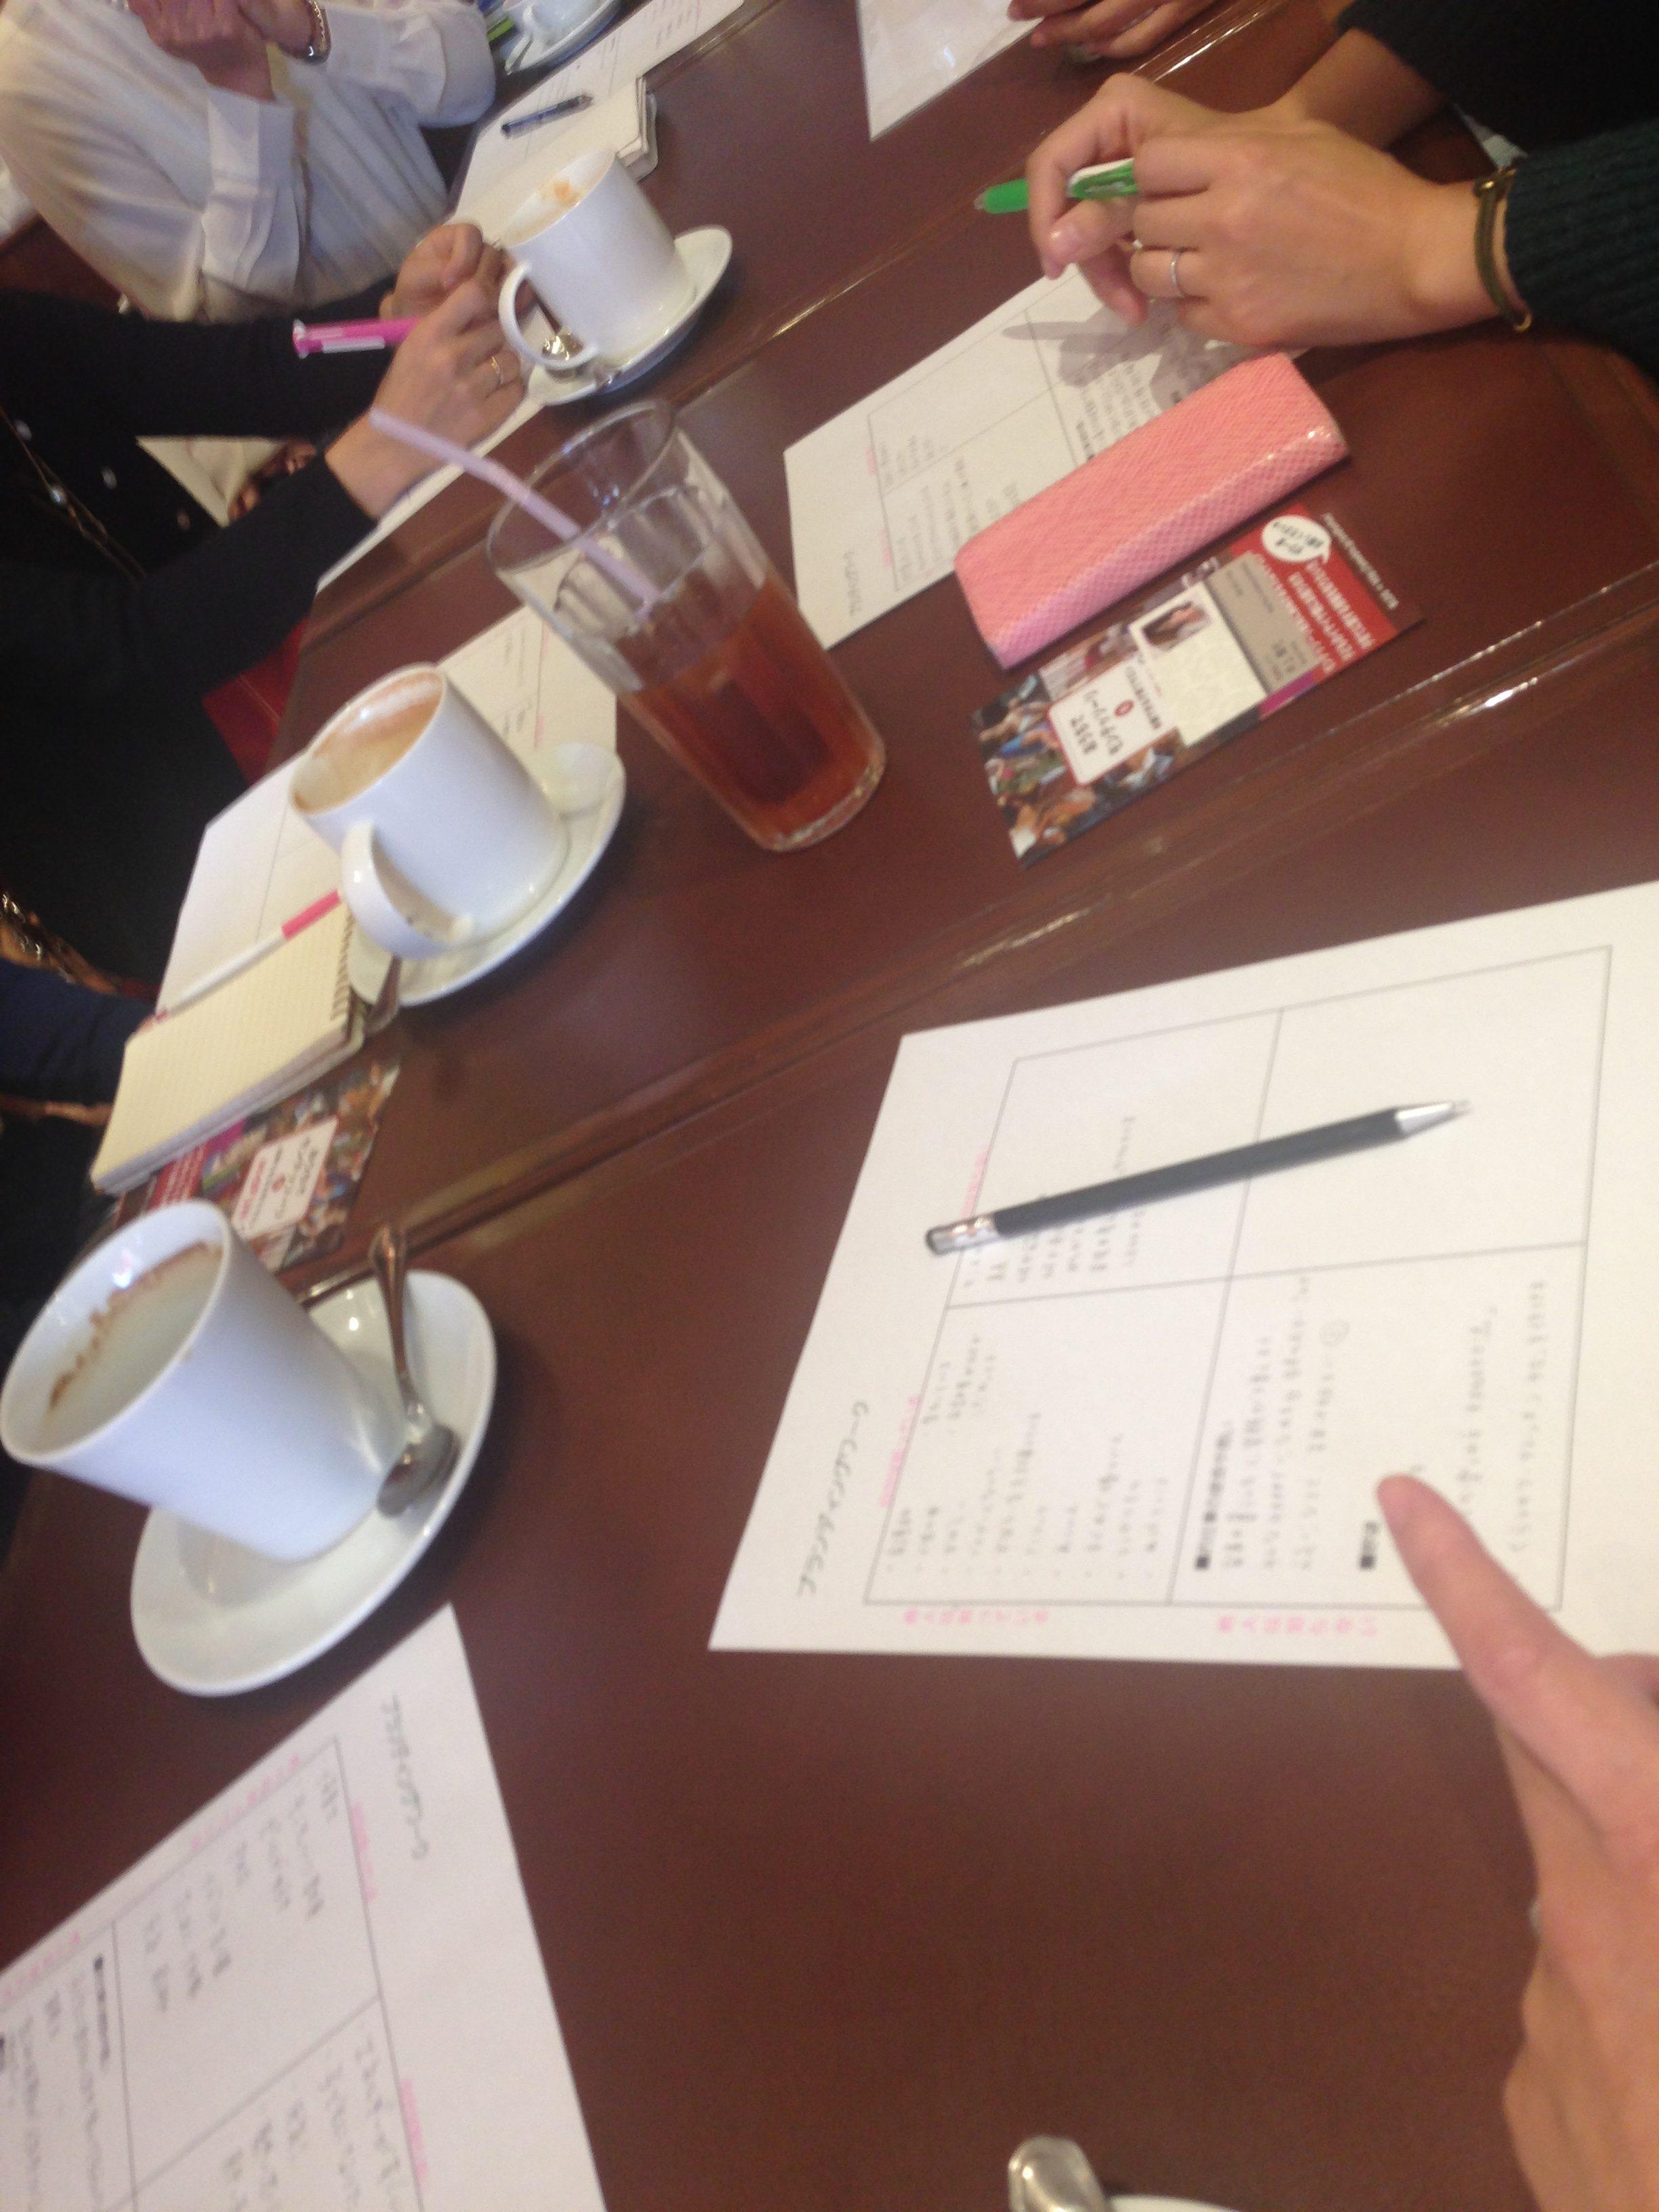 【レポ】春日&大野城周辺起業女子ランチ?もも&Mami主催ランチ会に参加してきましたっ!人をスキになるには時間はいらない。